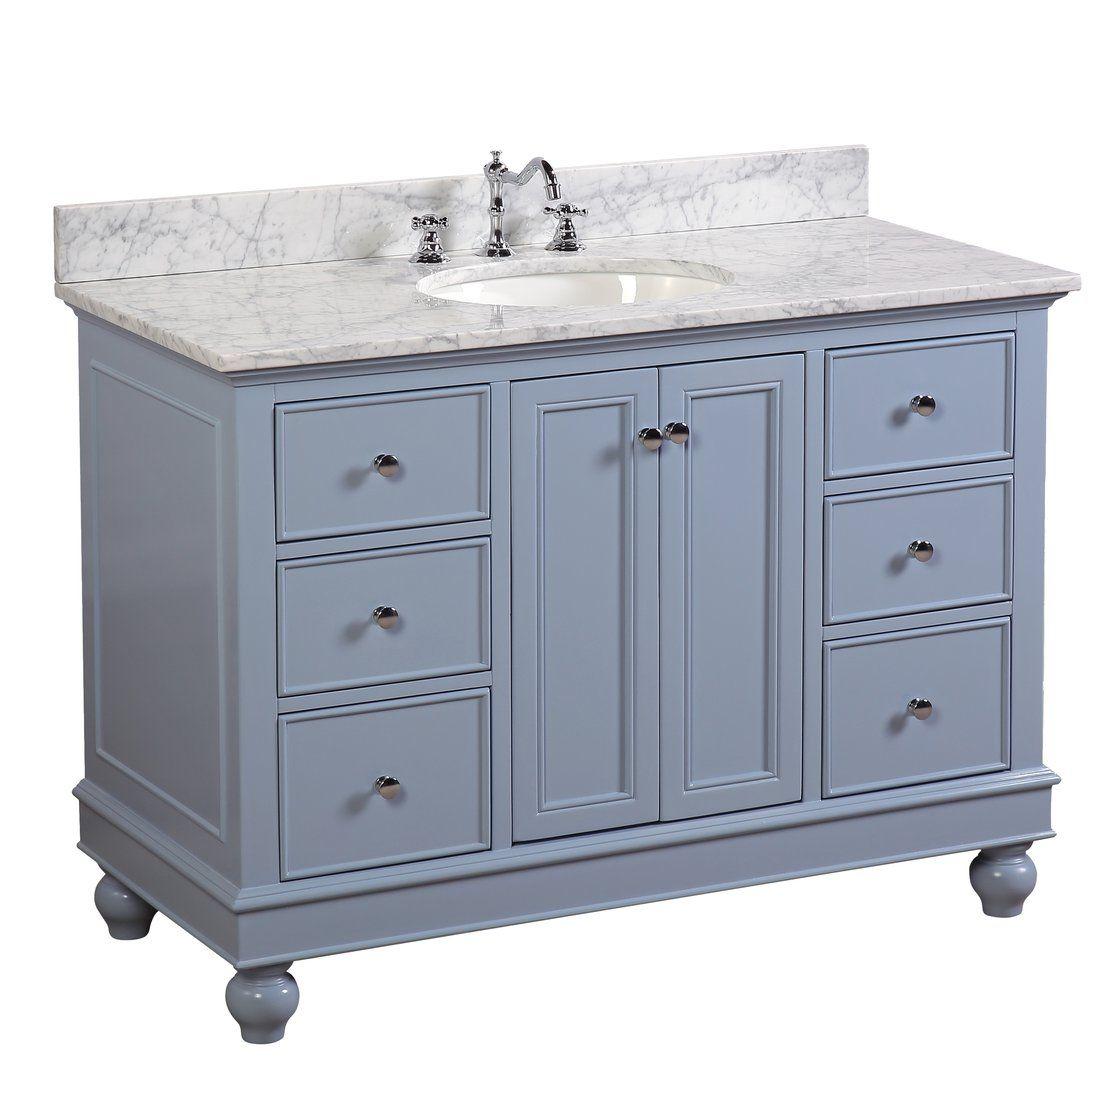 Bella inch Vanity CarraraPowder Blue in Bathroom Vanity